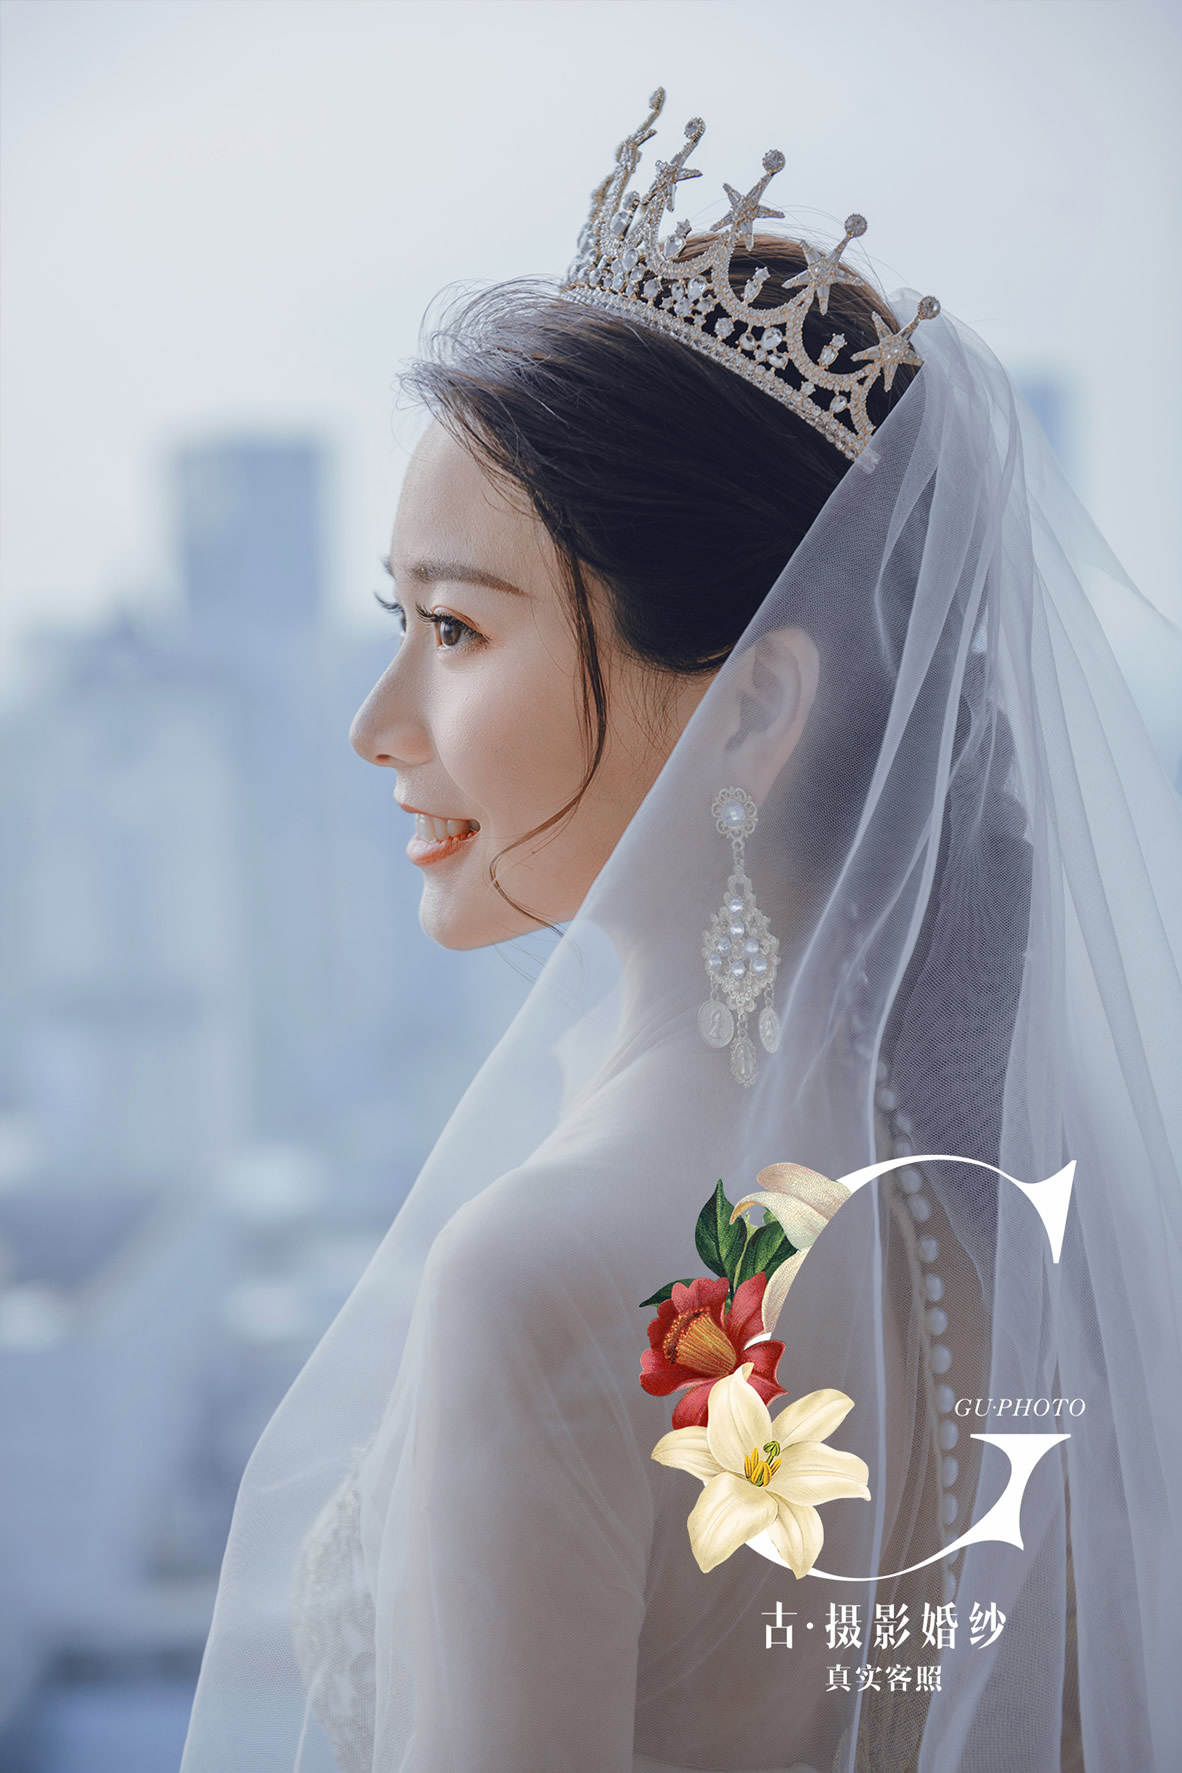 马先生 罗小姐 - 每日客照 - 古摄影婚纱艺术-古摄影成都婚纱摄影艺术摄影网